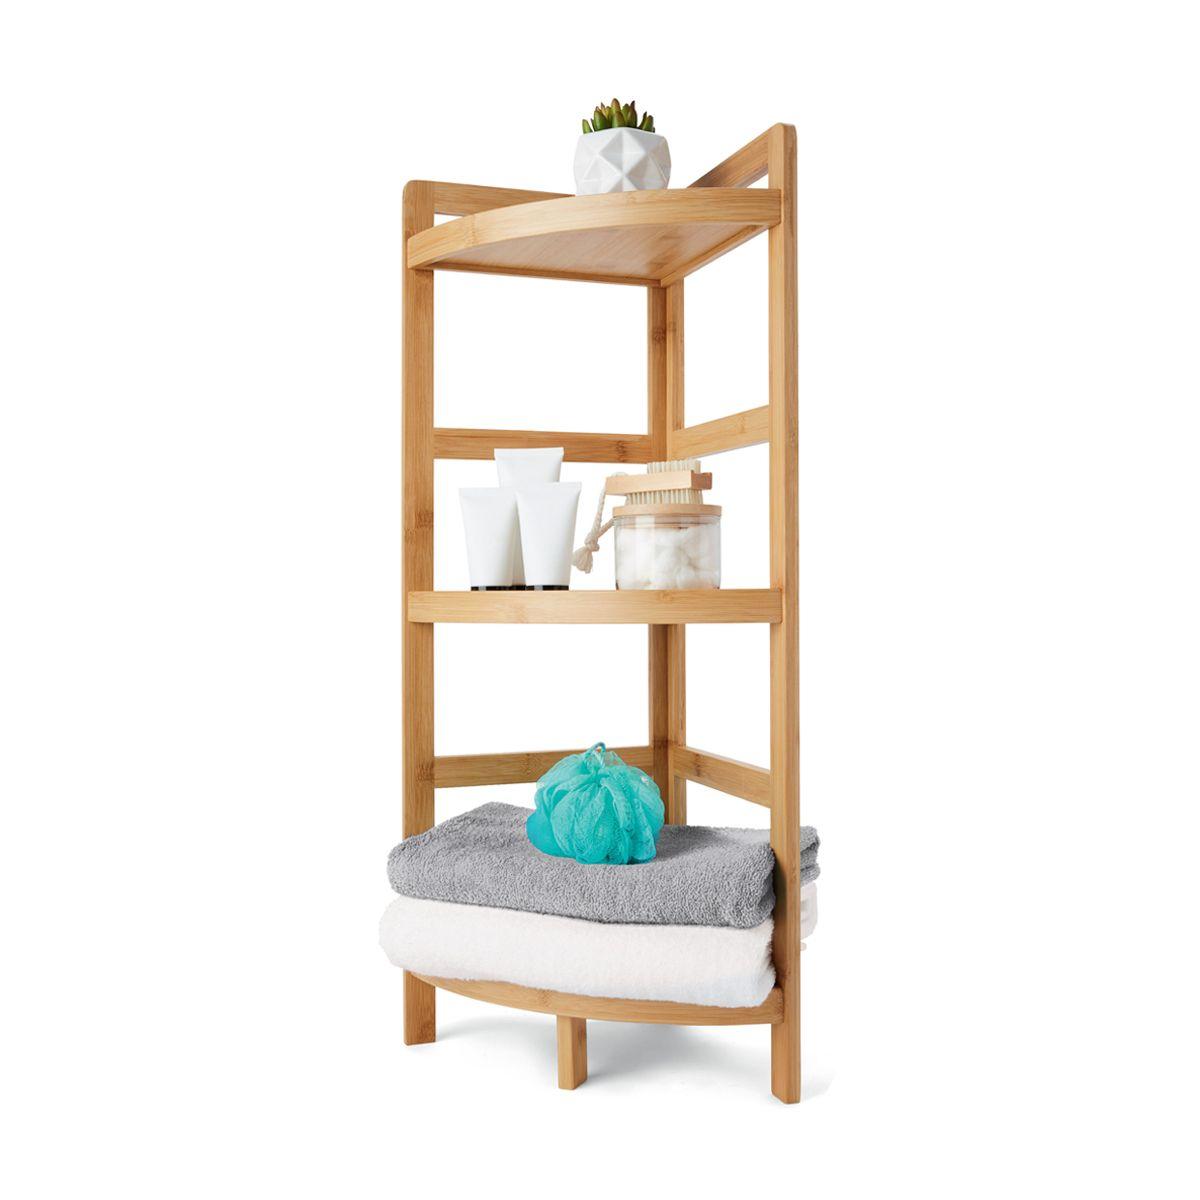 Bamboo 3 Tier Corner Shelf Corner Shelves Bamboo Shelf Shelves